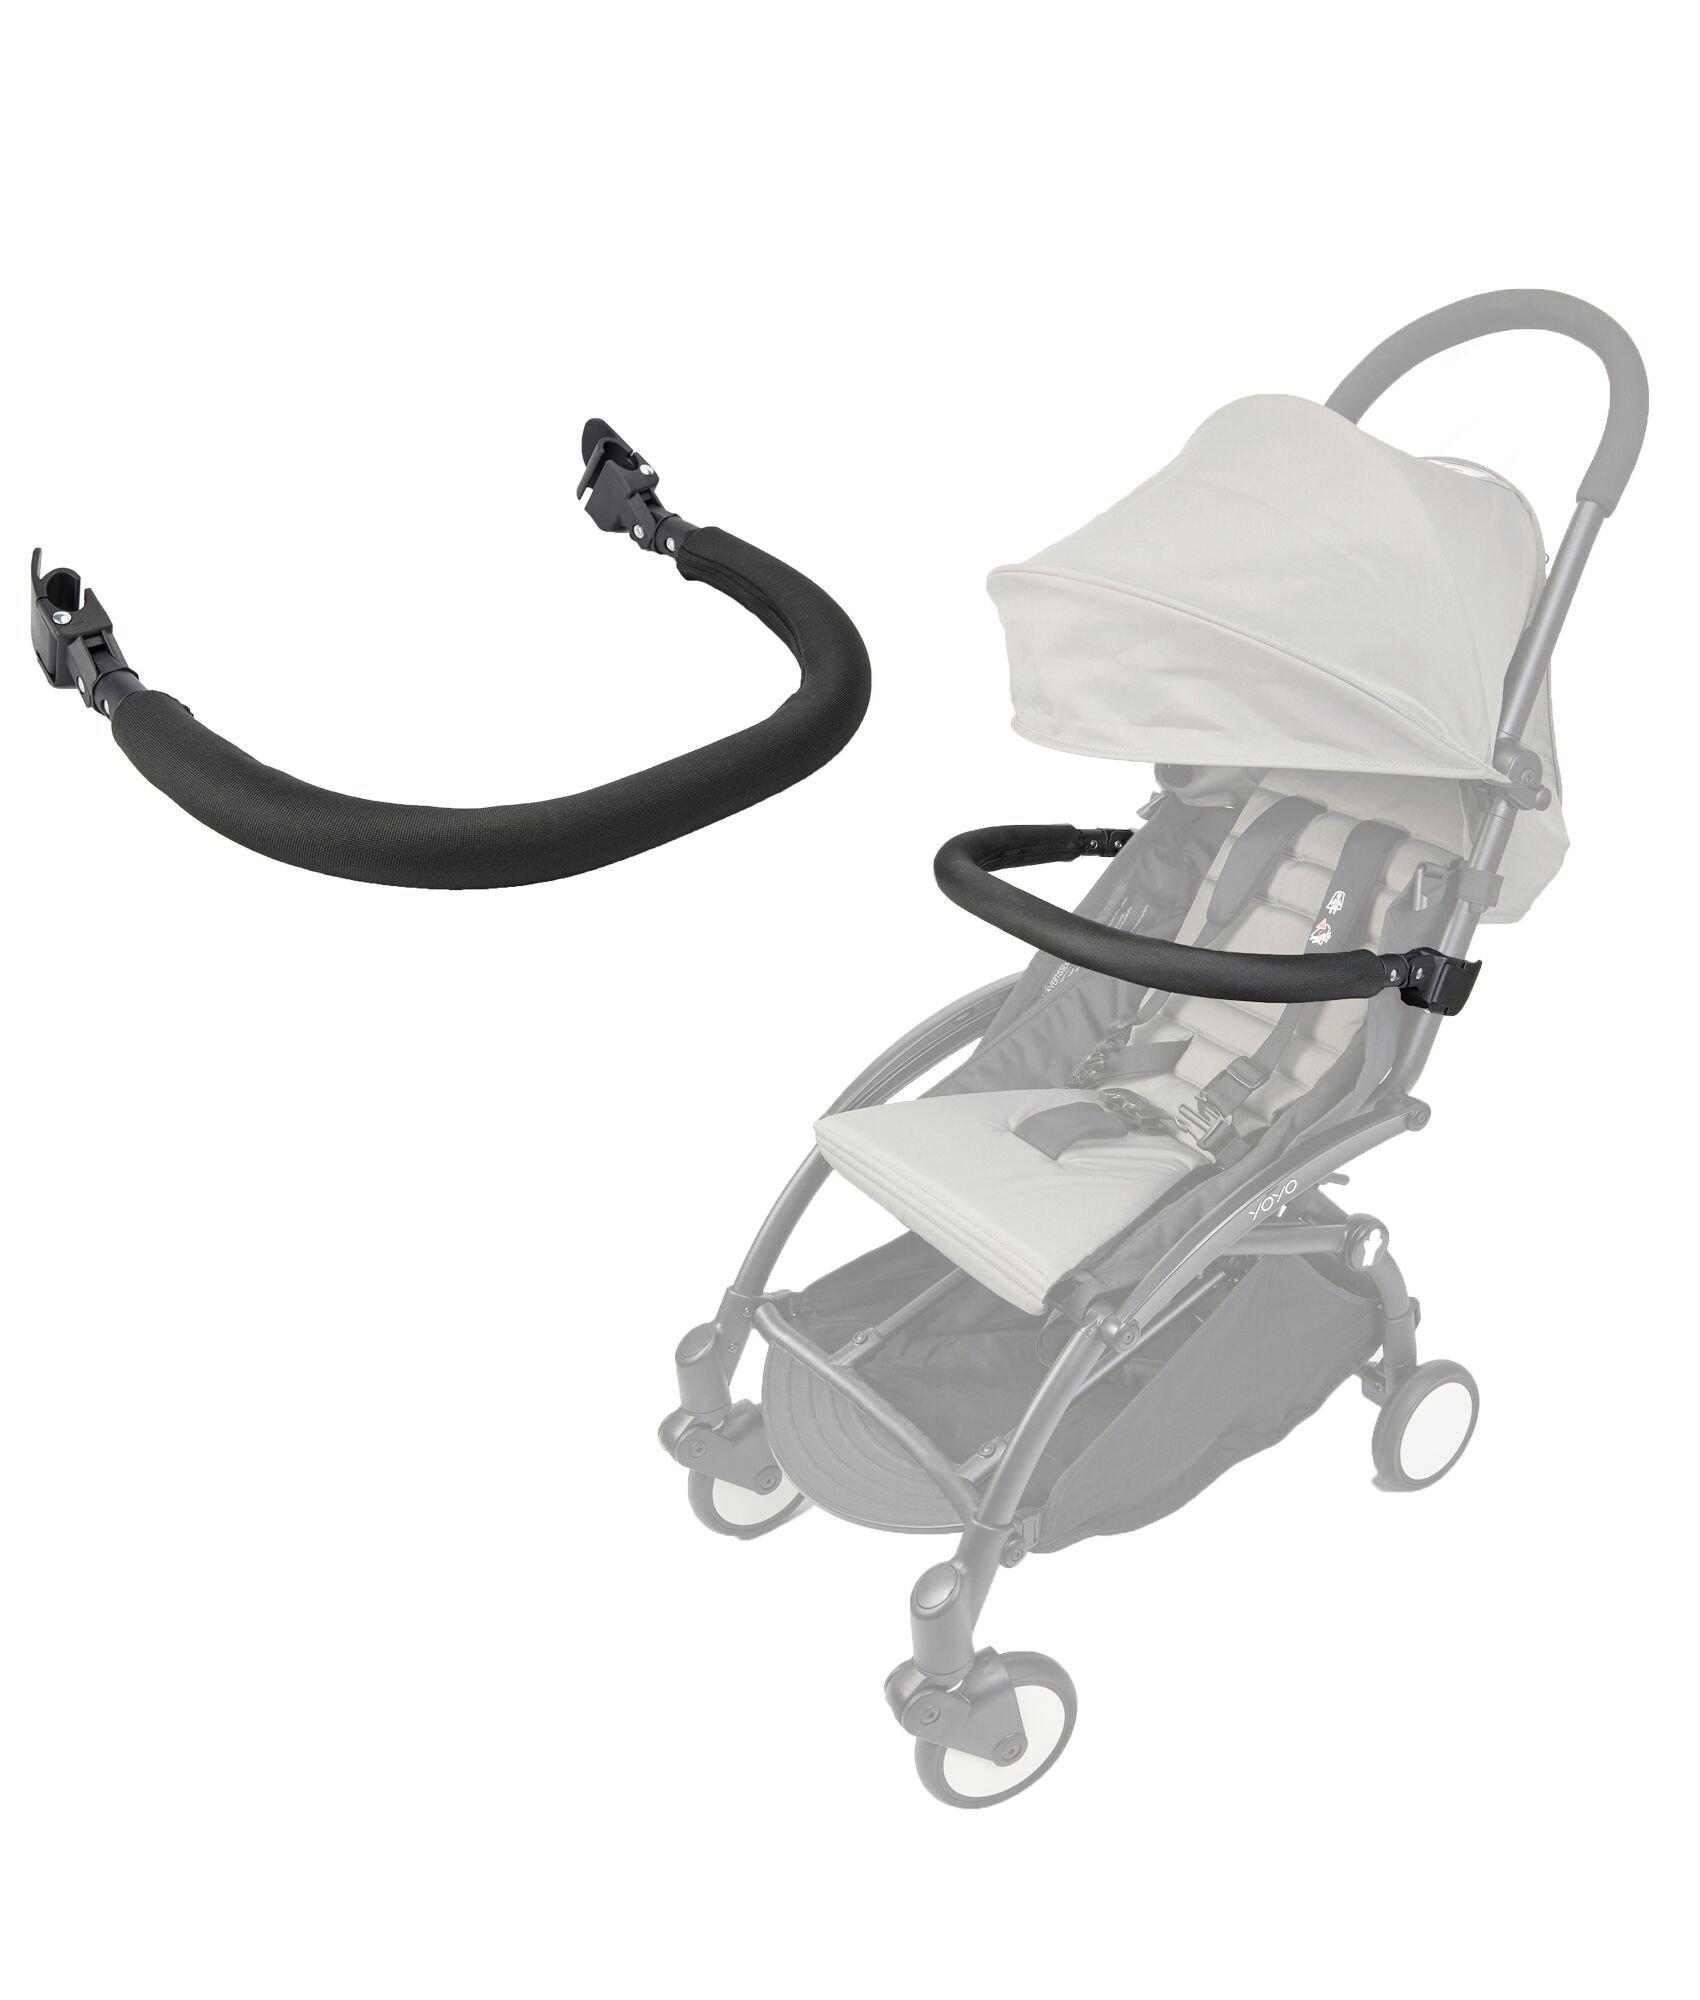 Stroller Bar for Babyzen YoYo and Yoyo+ - Armrest, Handle, Bumper and Crossbar - Oxford Cloth - by Neutral